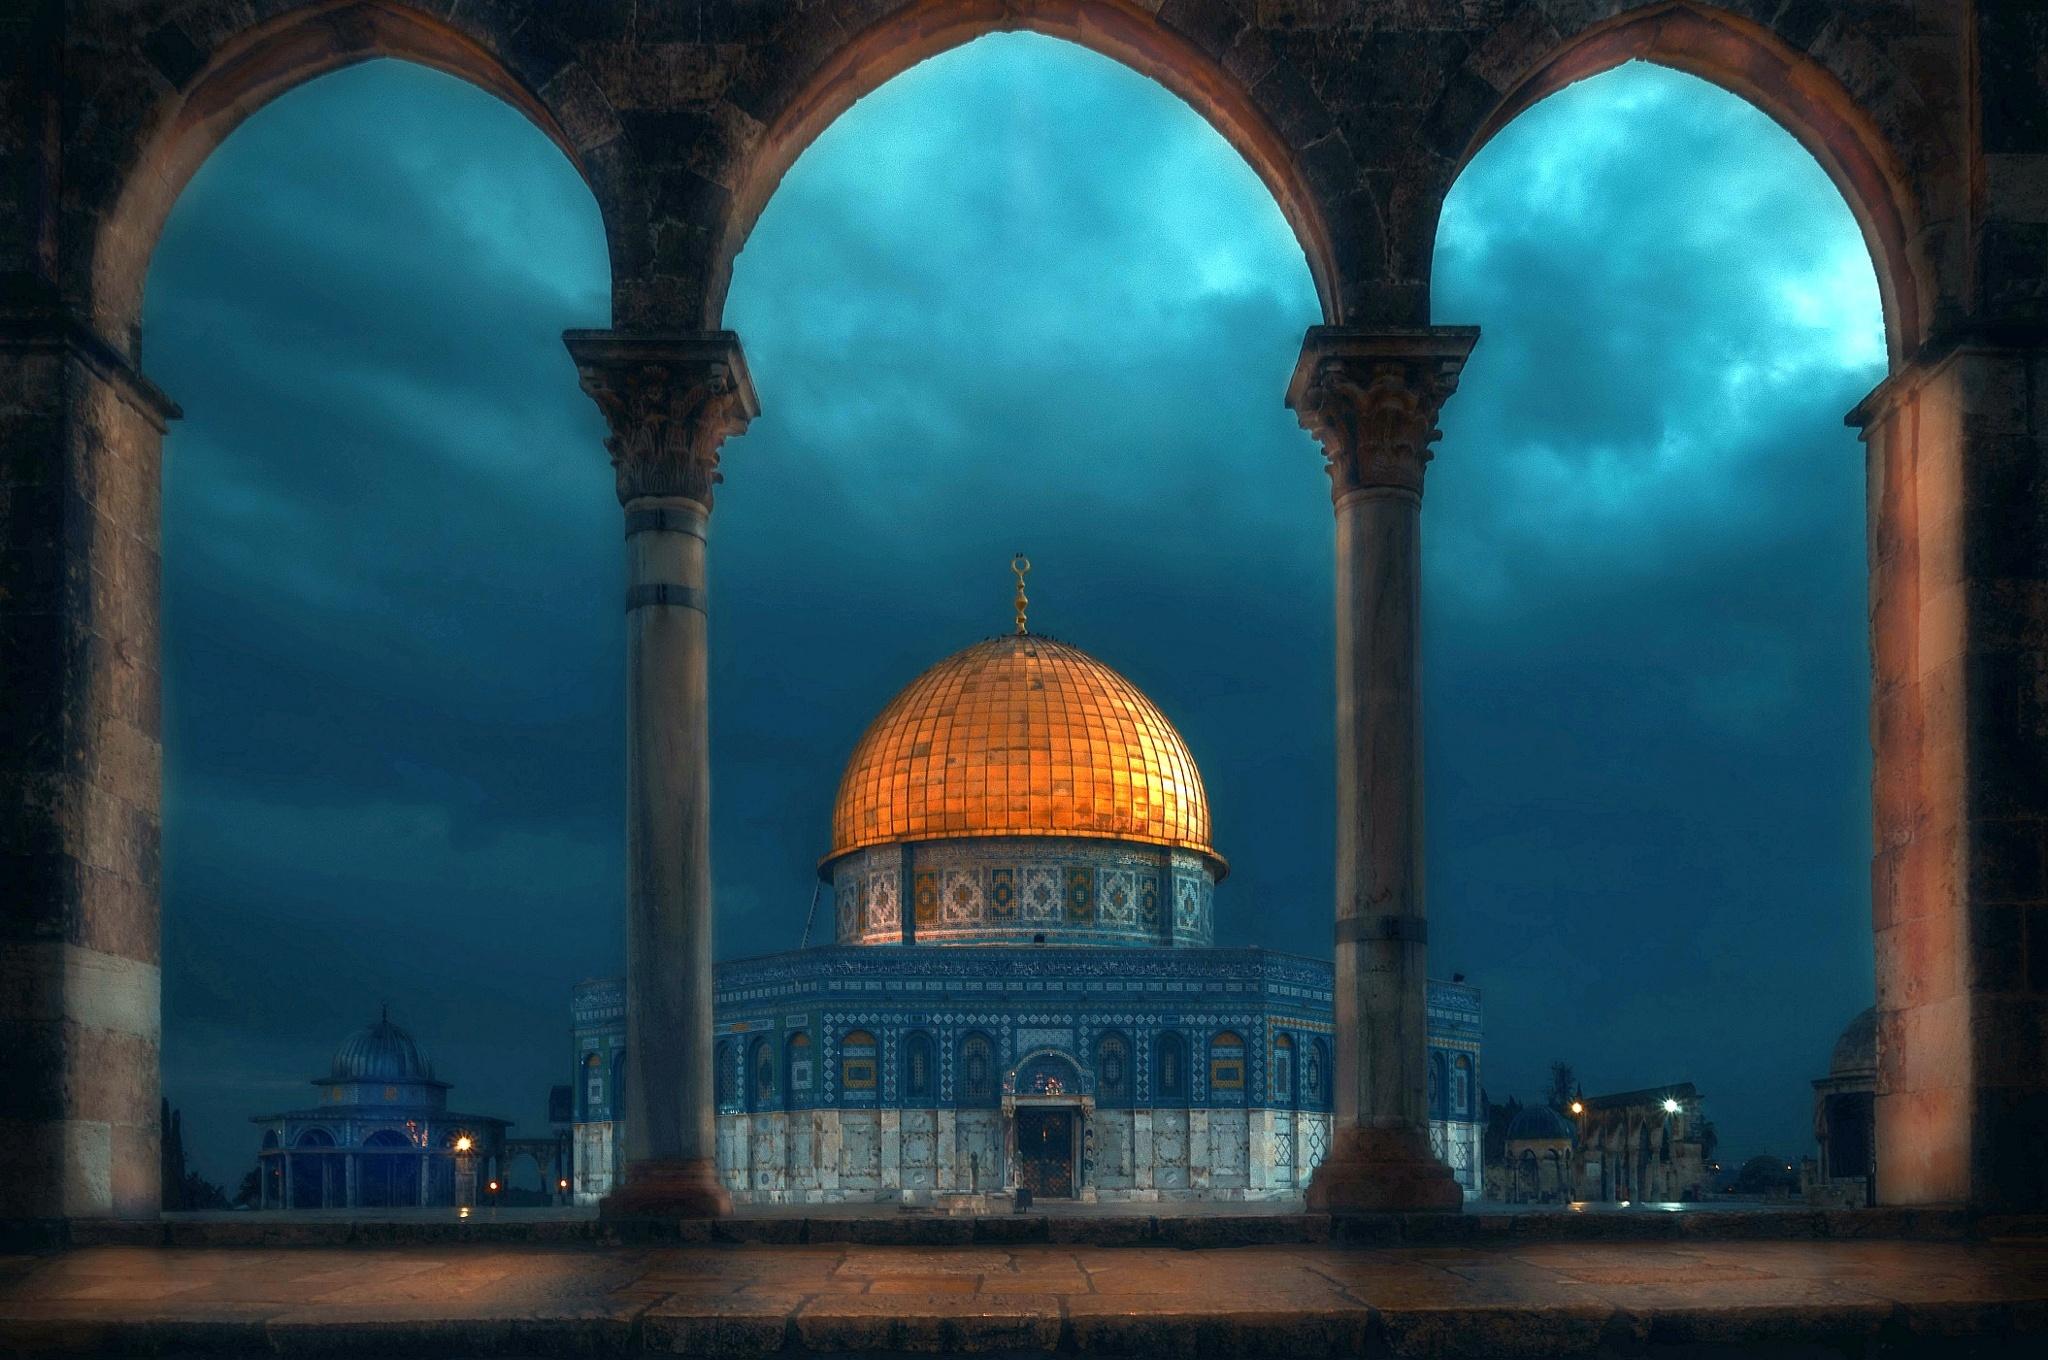 Home visit masjid al aqsa - Al aqsa mosque hd wallpapers ...